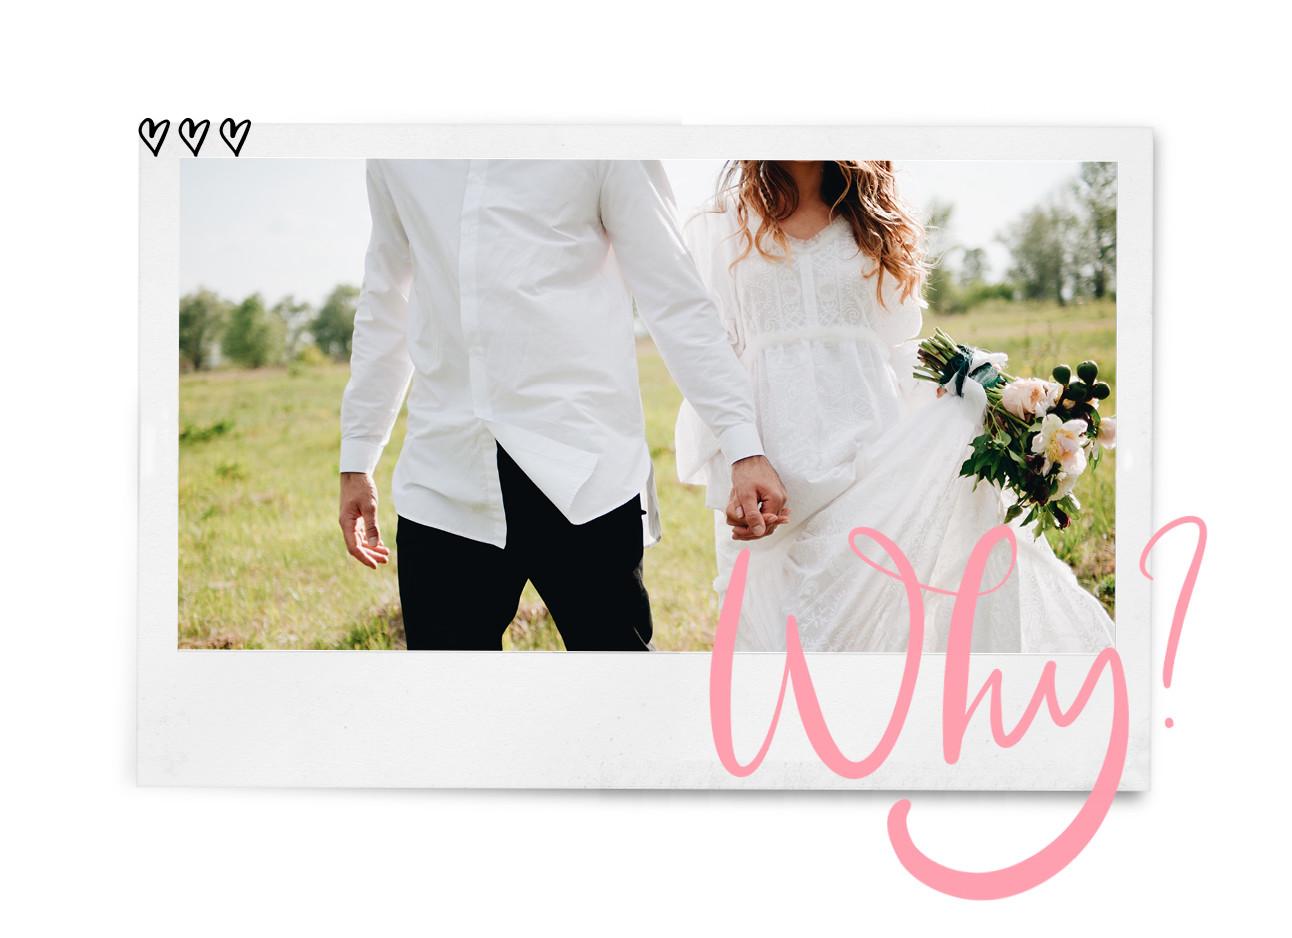 bruid en bruidegom trouwerij jurk